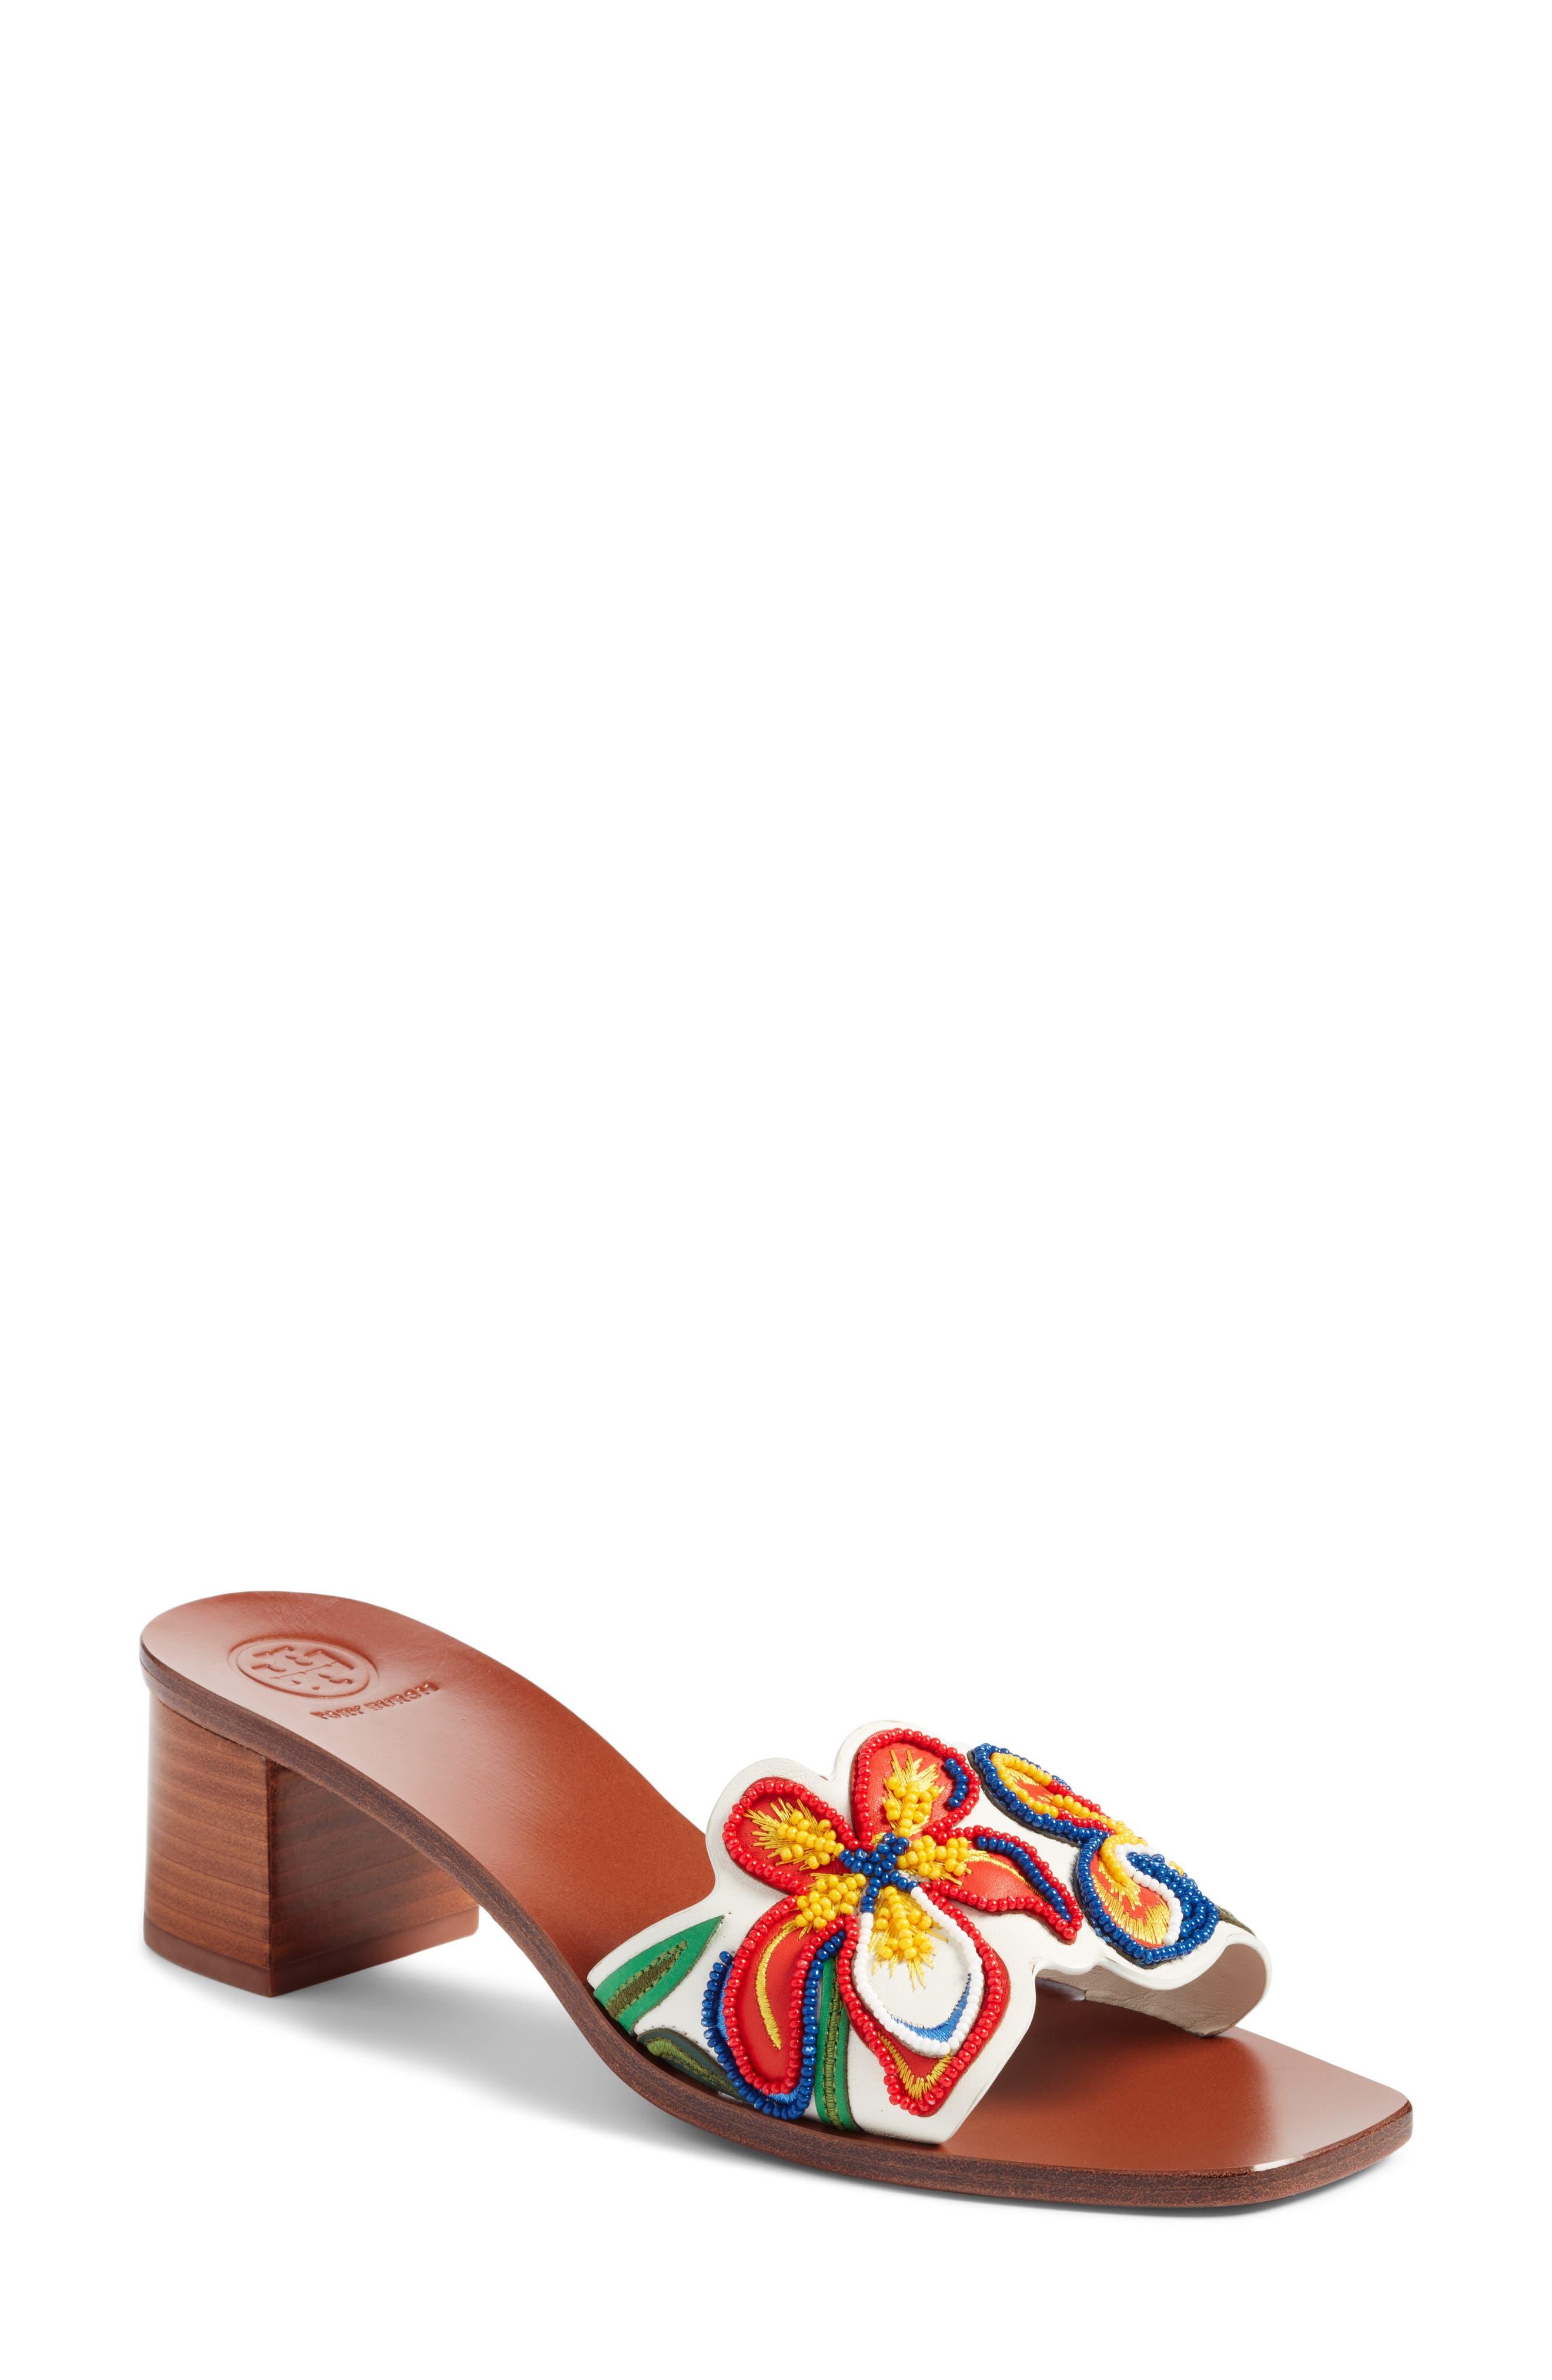 Tory Burch Bianca Floral Embellished Slide Sandal (Women)